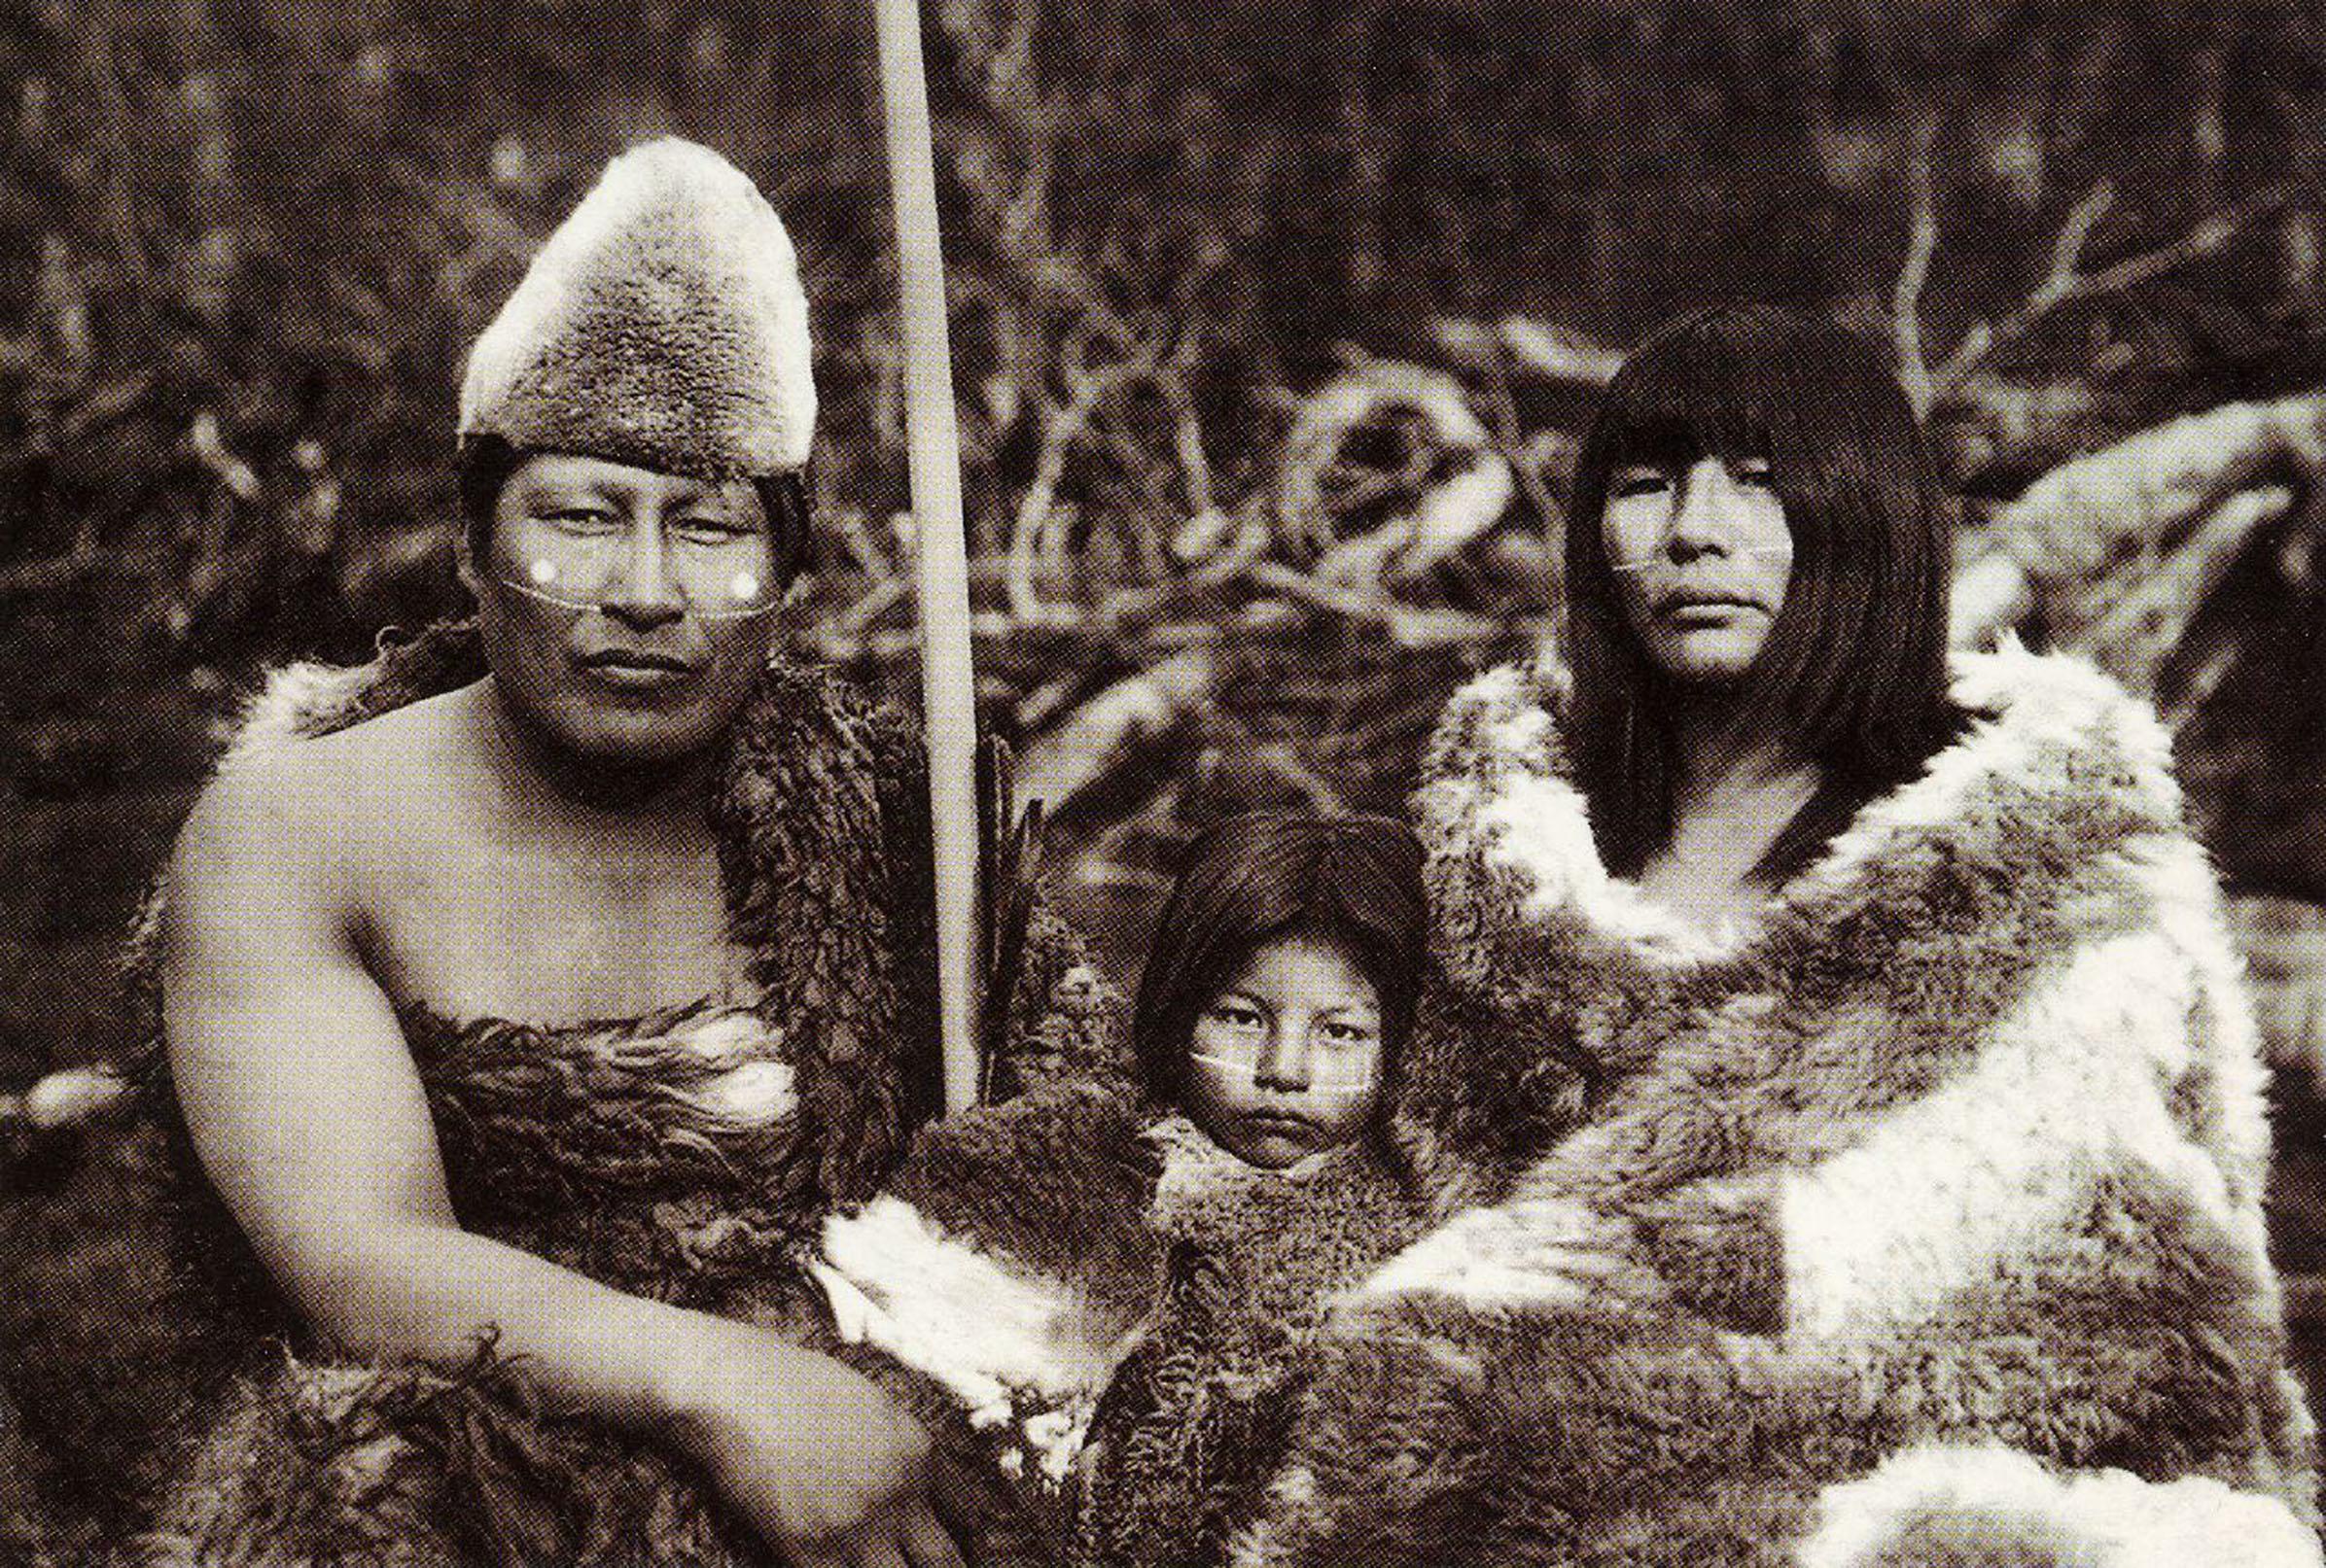 Enterreno - Fotos históricas de chile - fotos antiguas de Chile - Familia Selk'nam en 1917